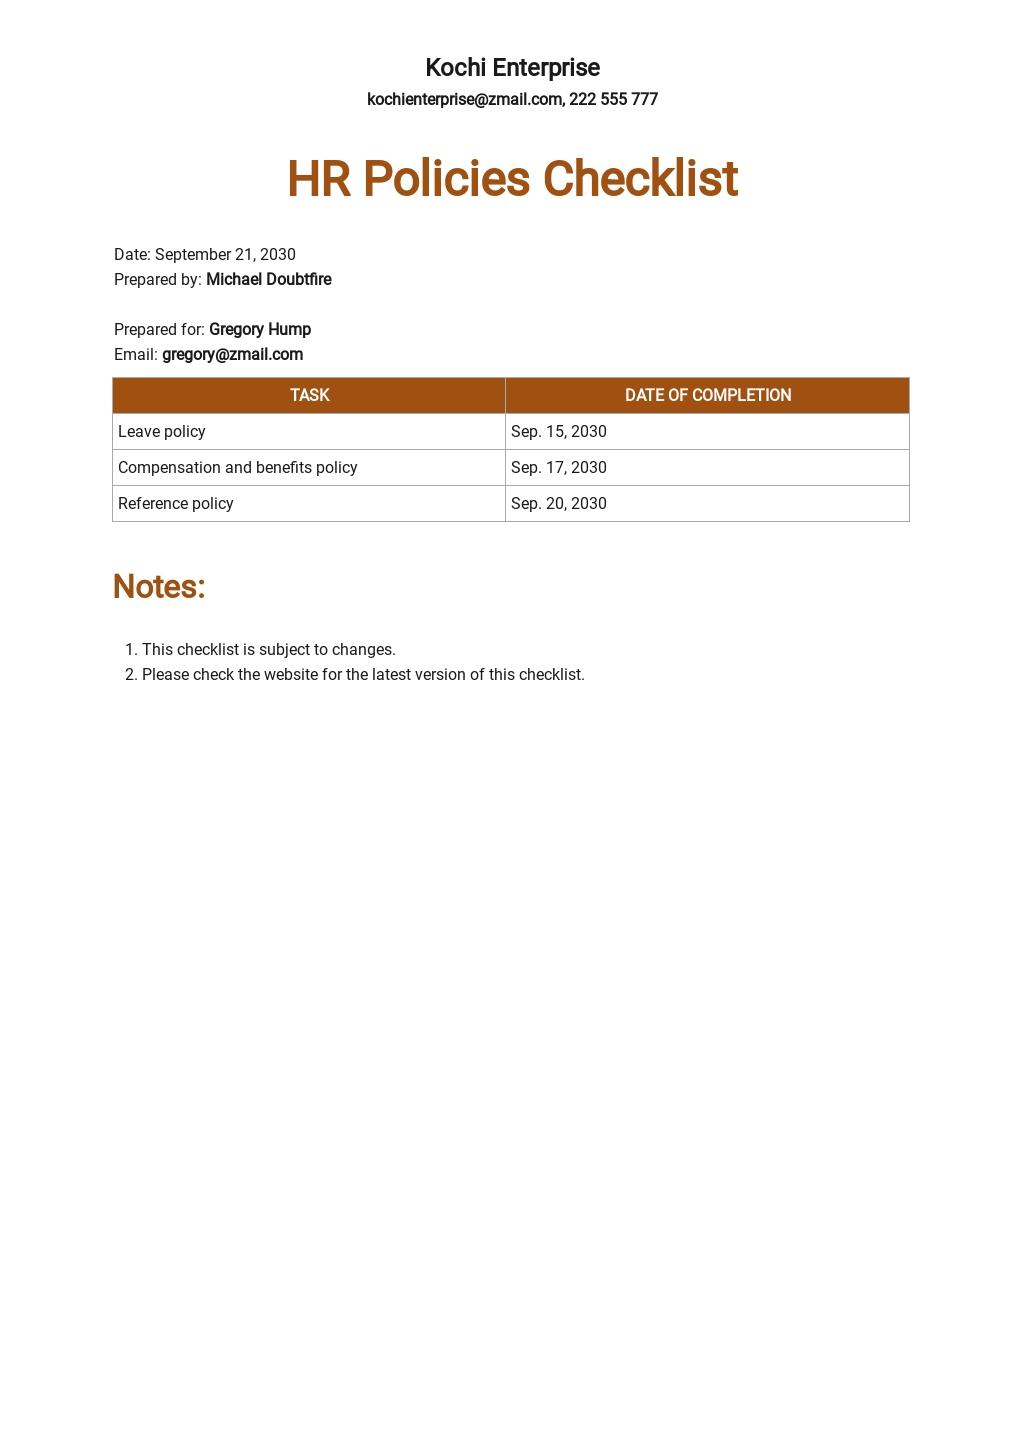 HR Policies Checklist Template